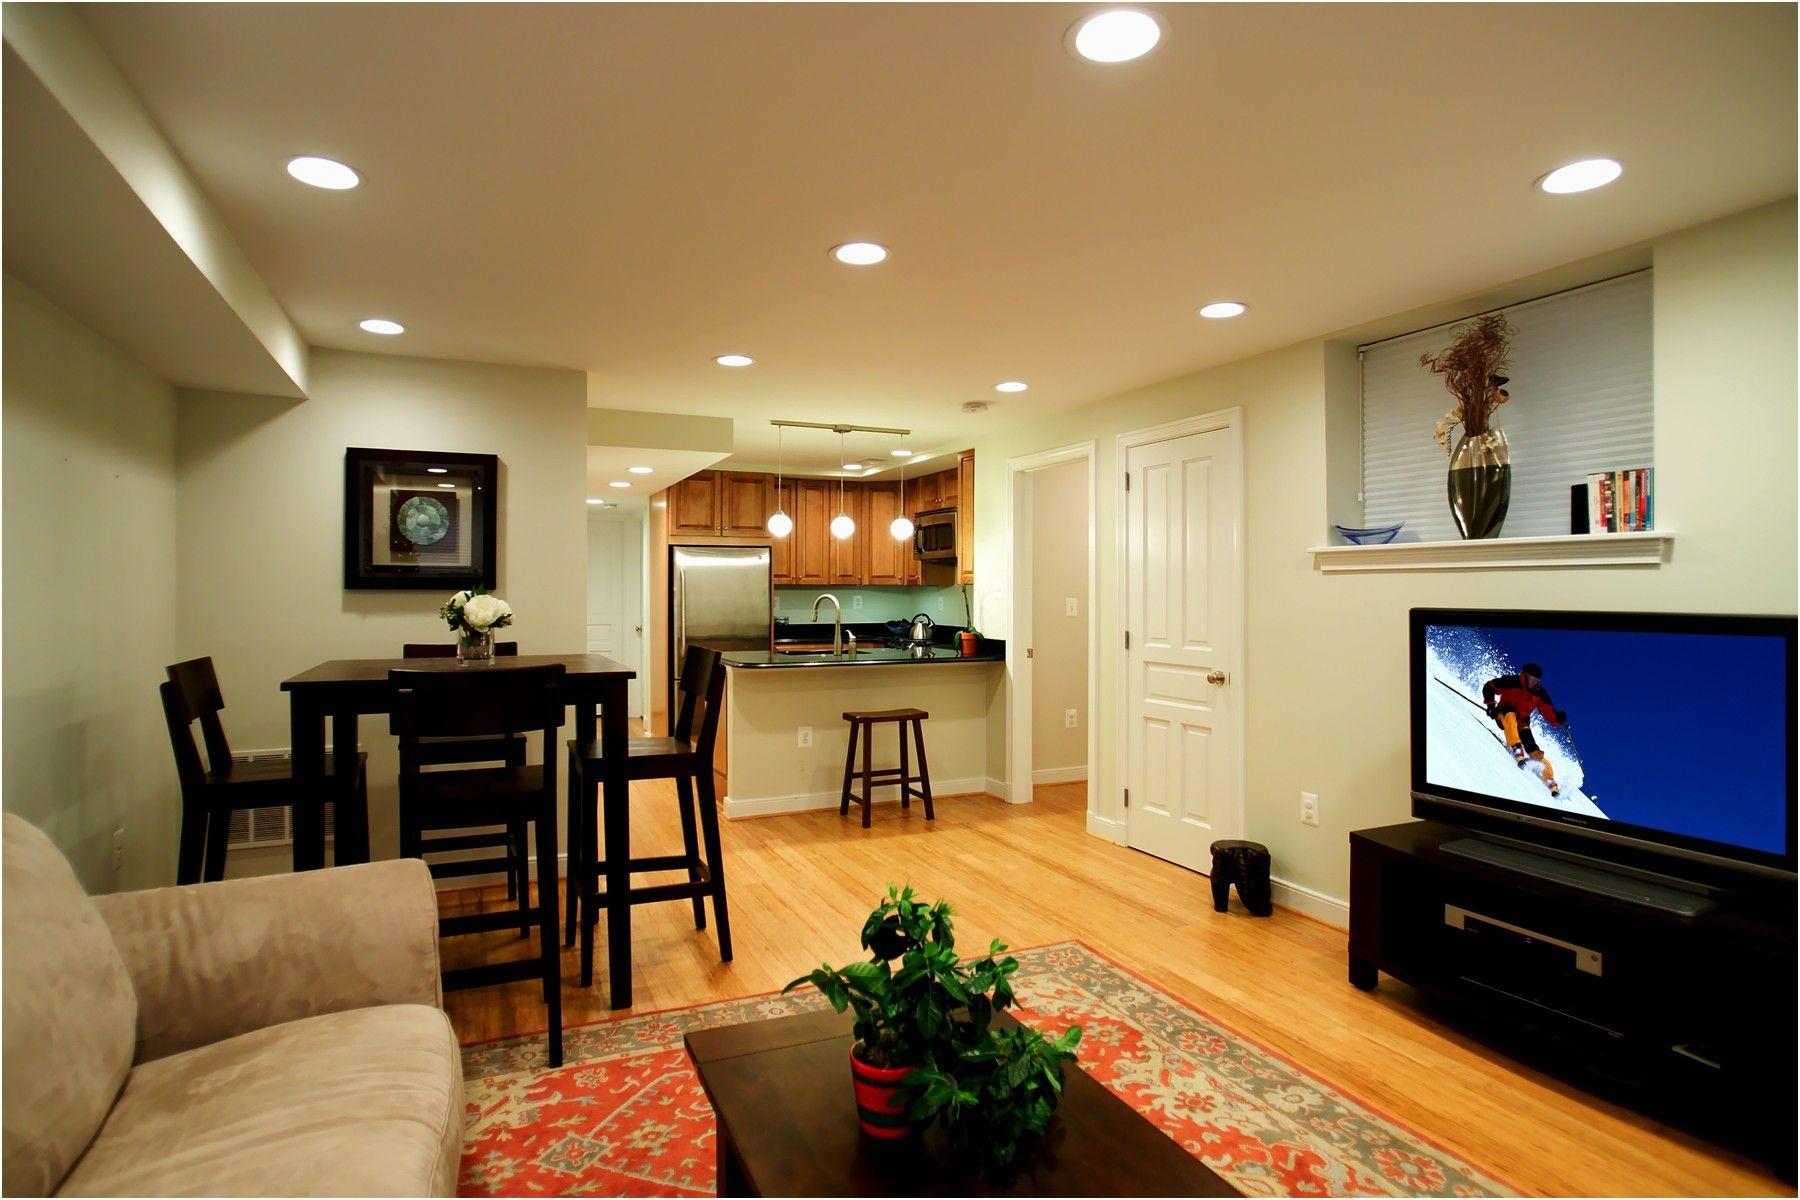 Rental Basement In Brampton basement apartment from basement apartment for rent in brampton